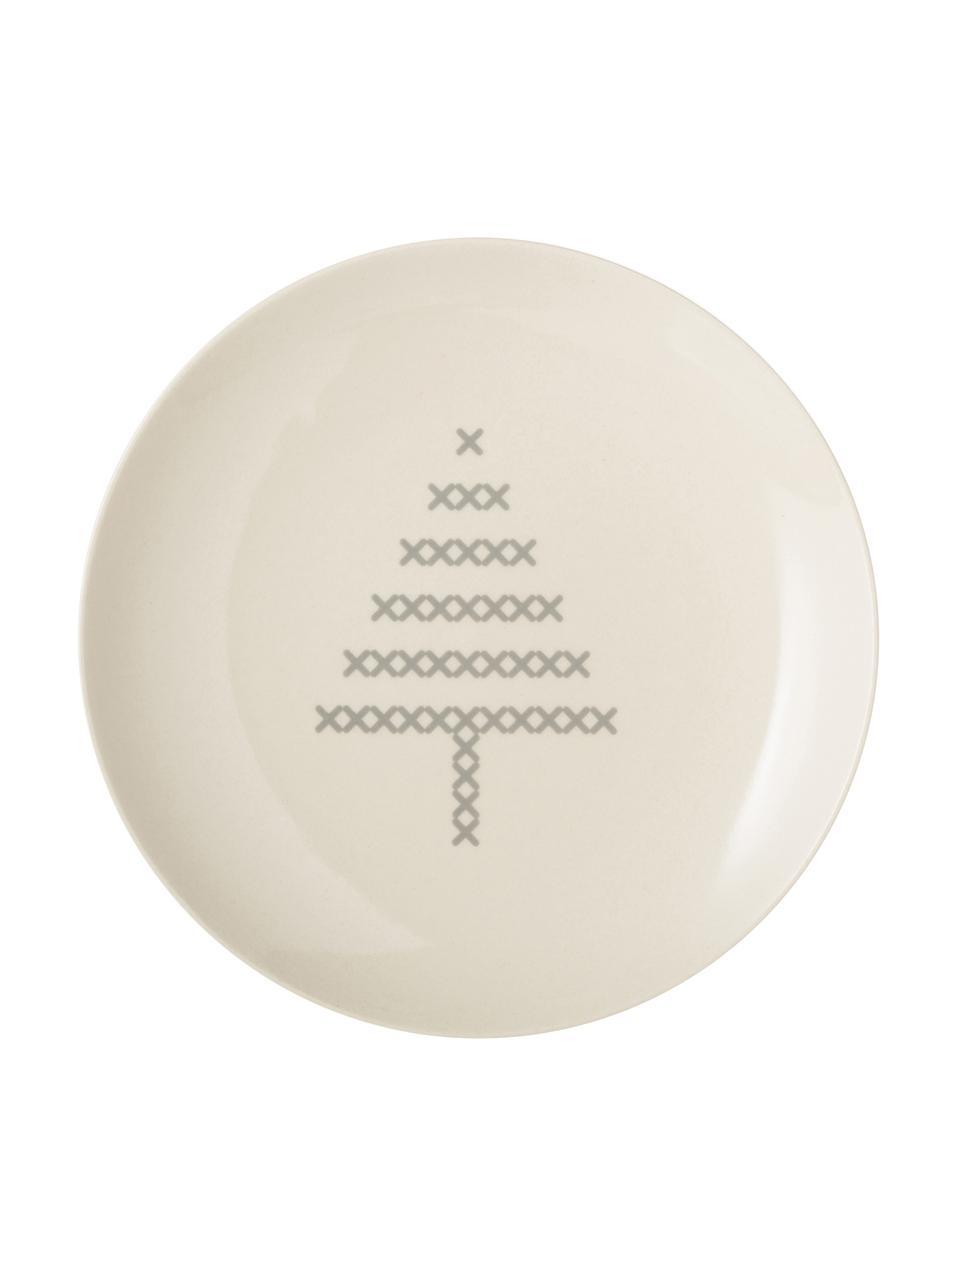 Brotteller Cross mit Weihnachts-Motiv, Keramik, Gebrochenes Weiß, Grau, Ø 16 cm